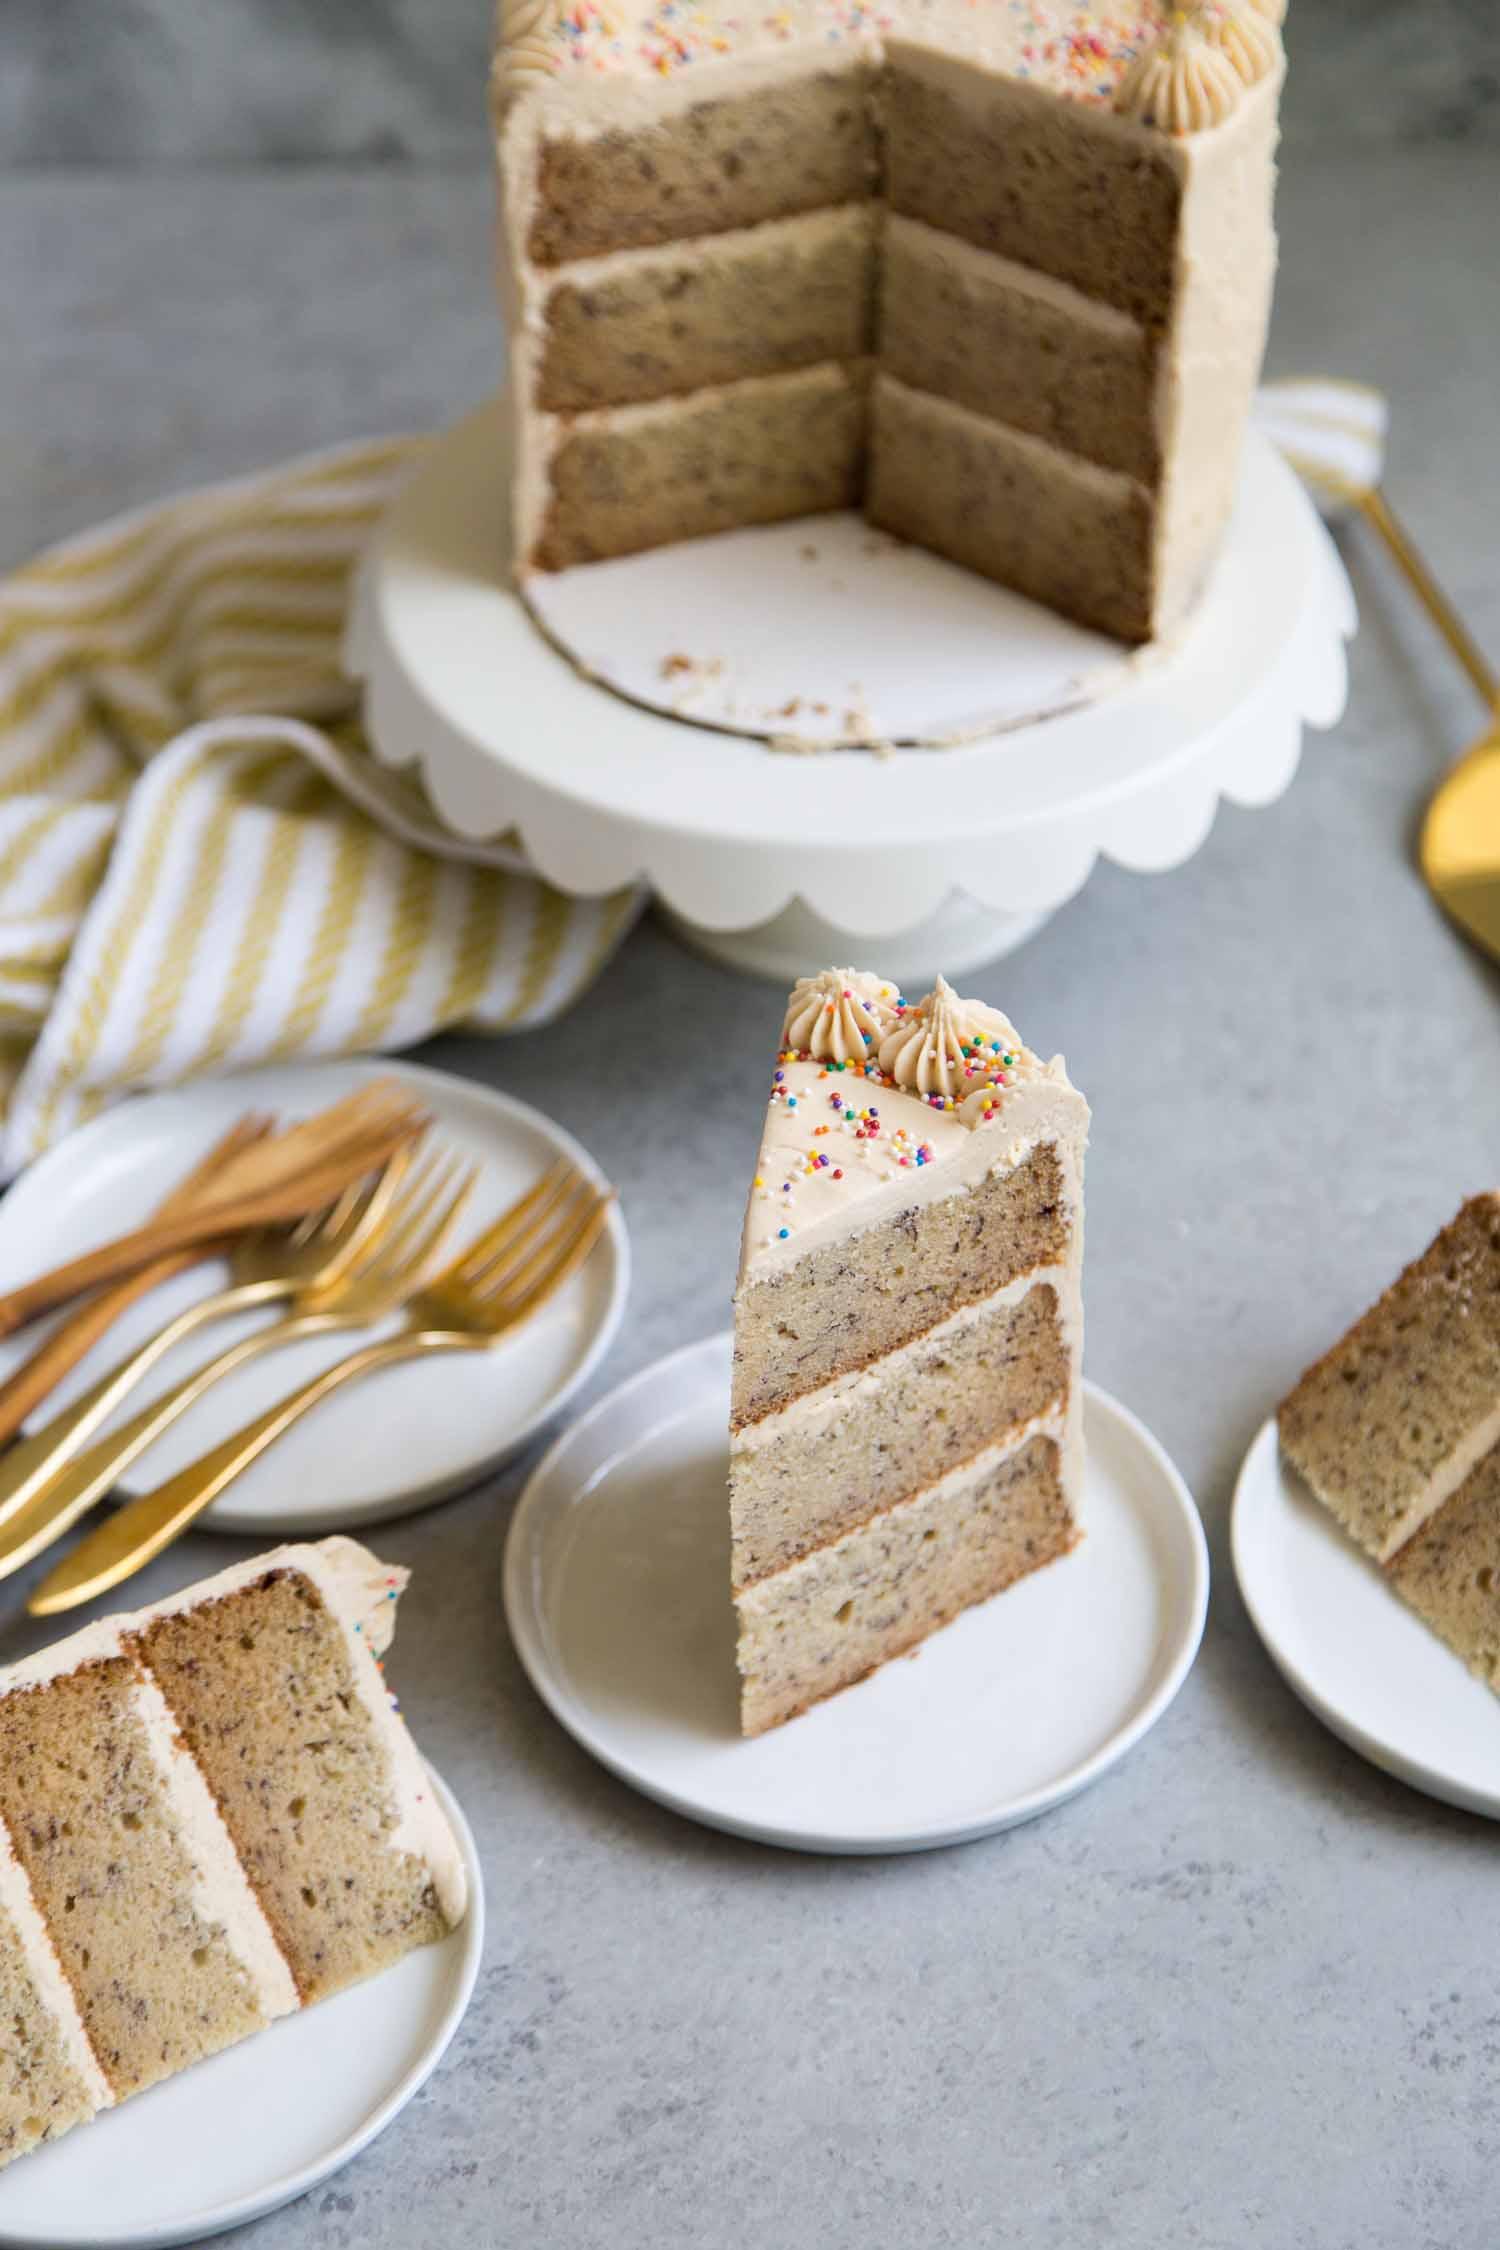 Peanut Butter Banana Layer Cake